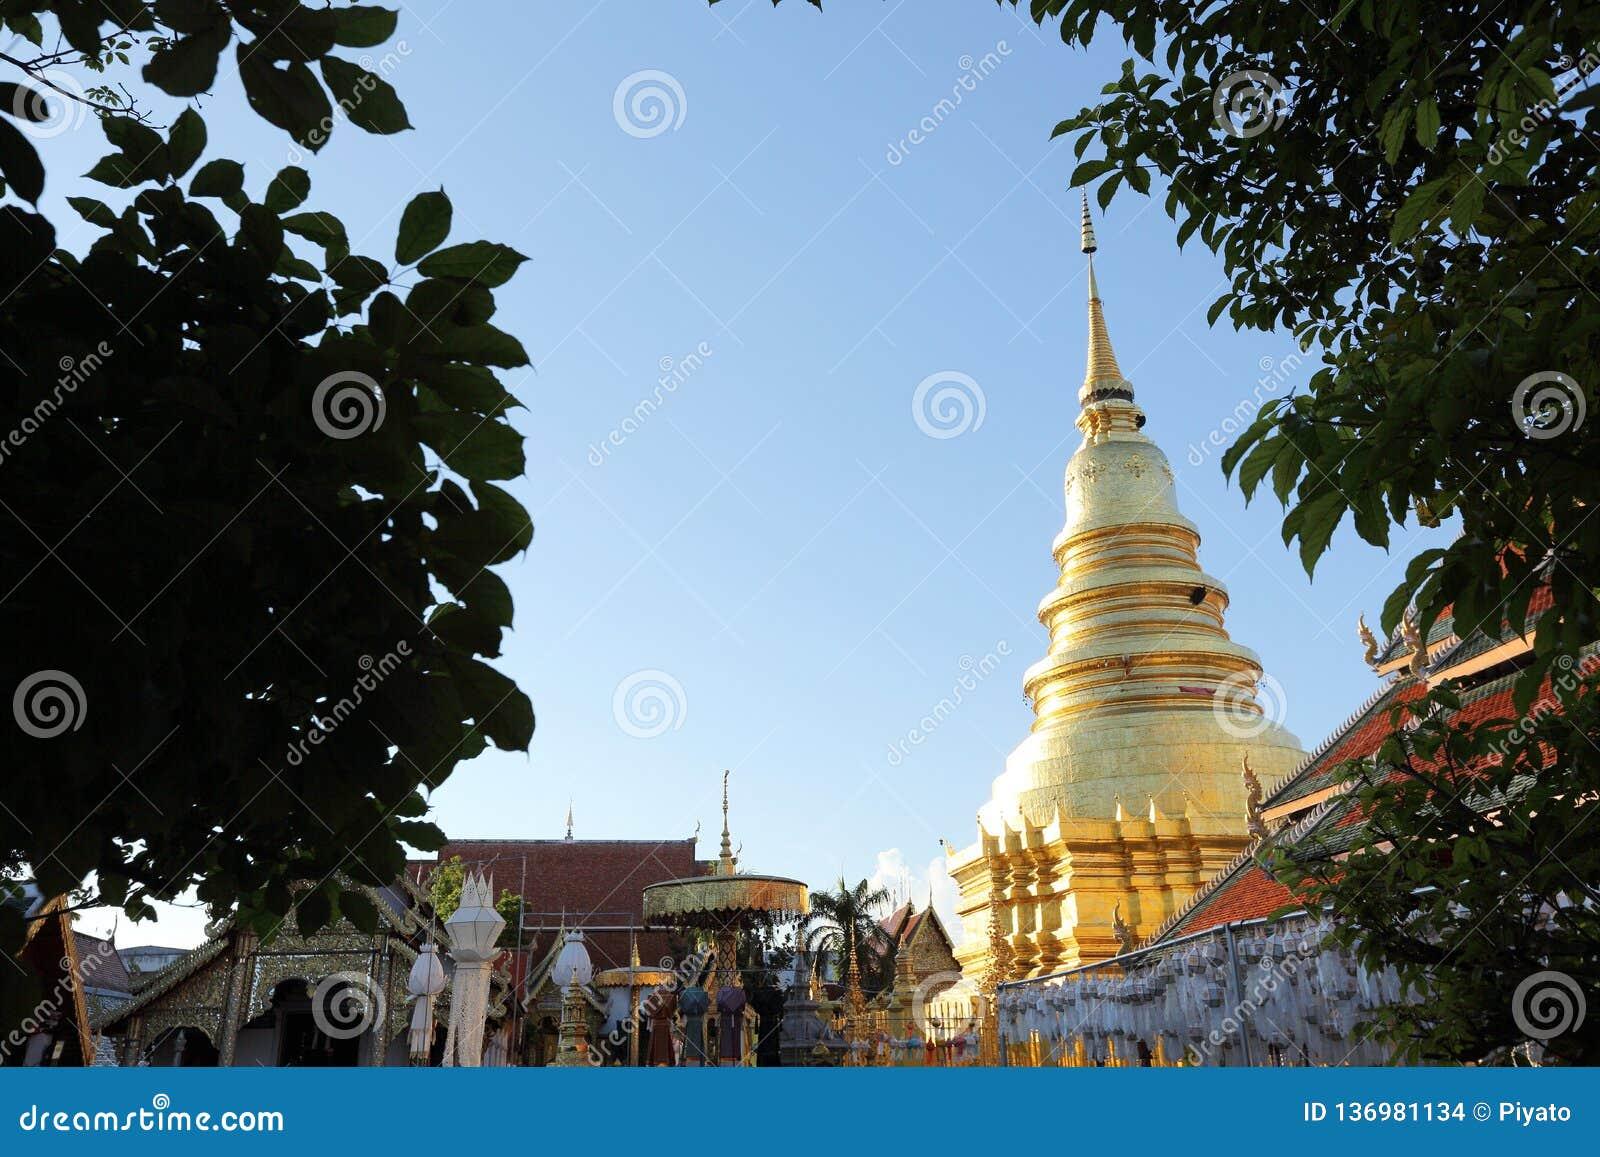 Thailändische Pagode in Lamphun Thailand